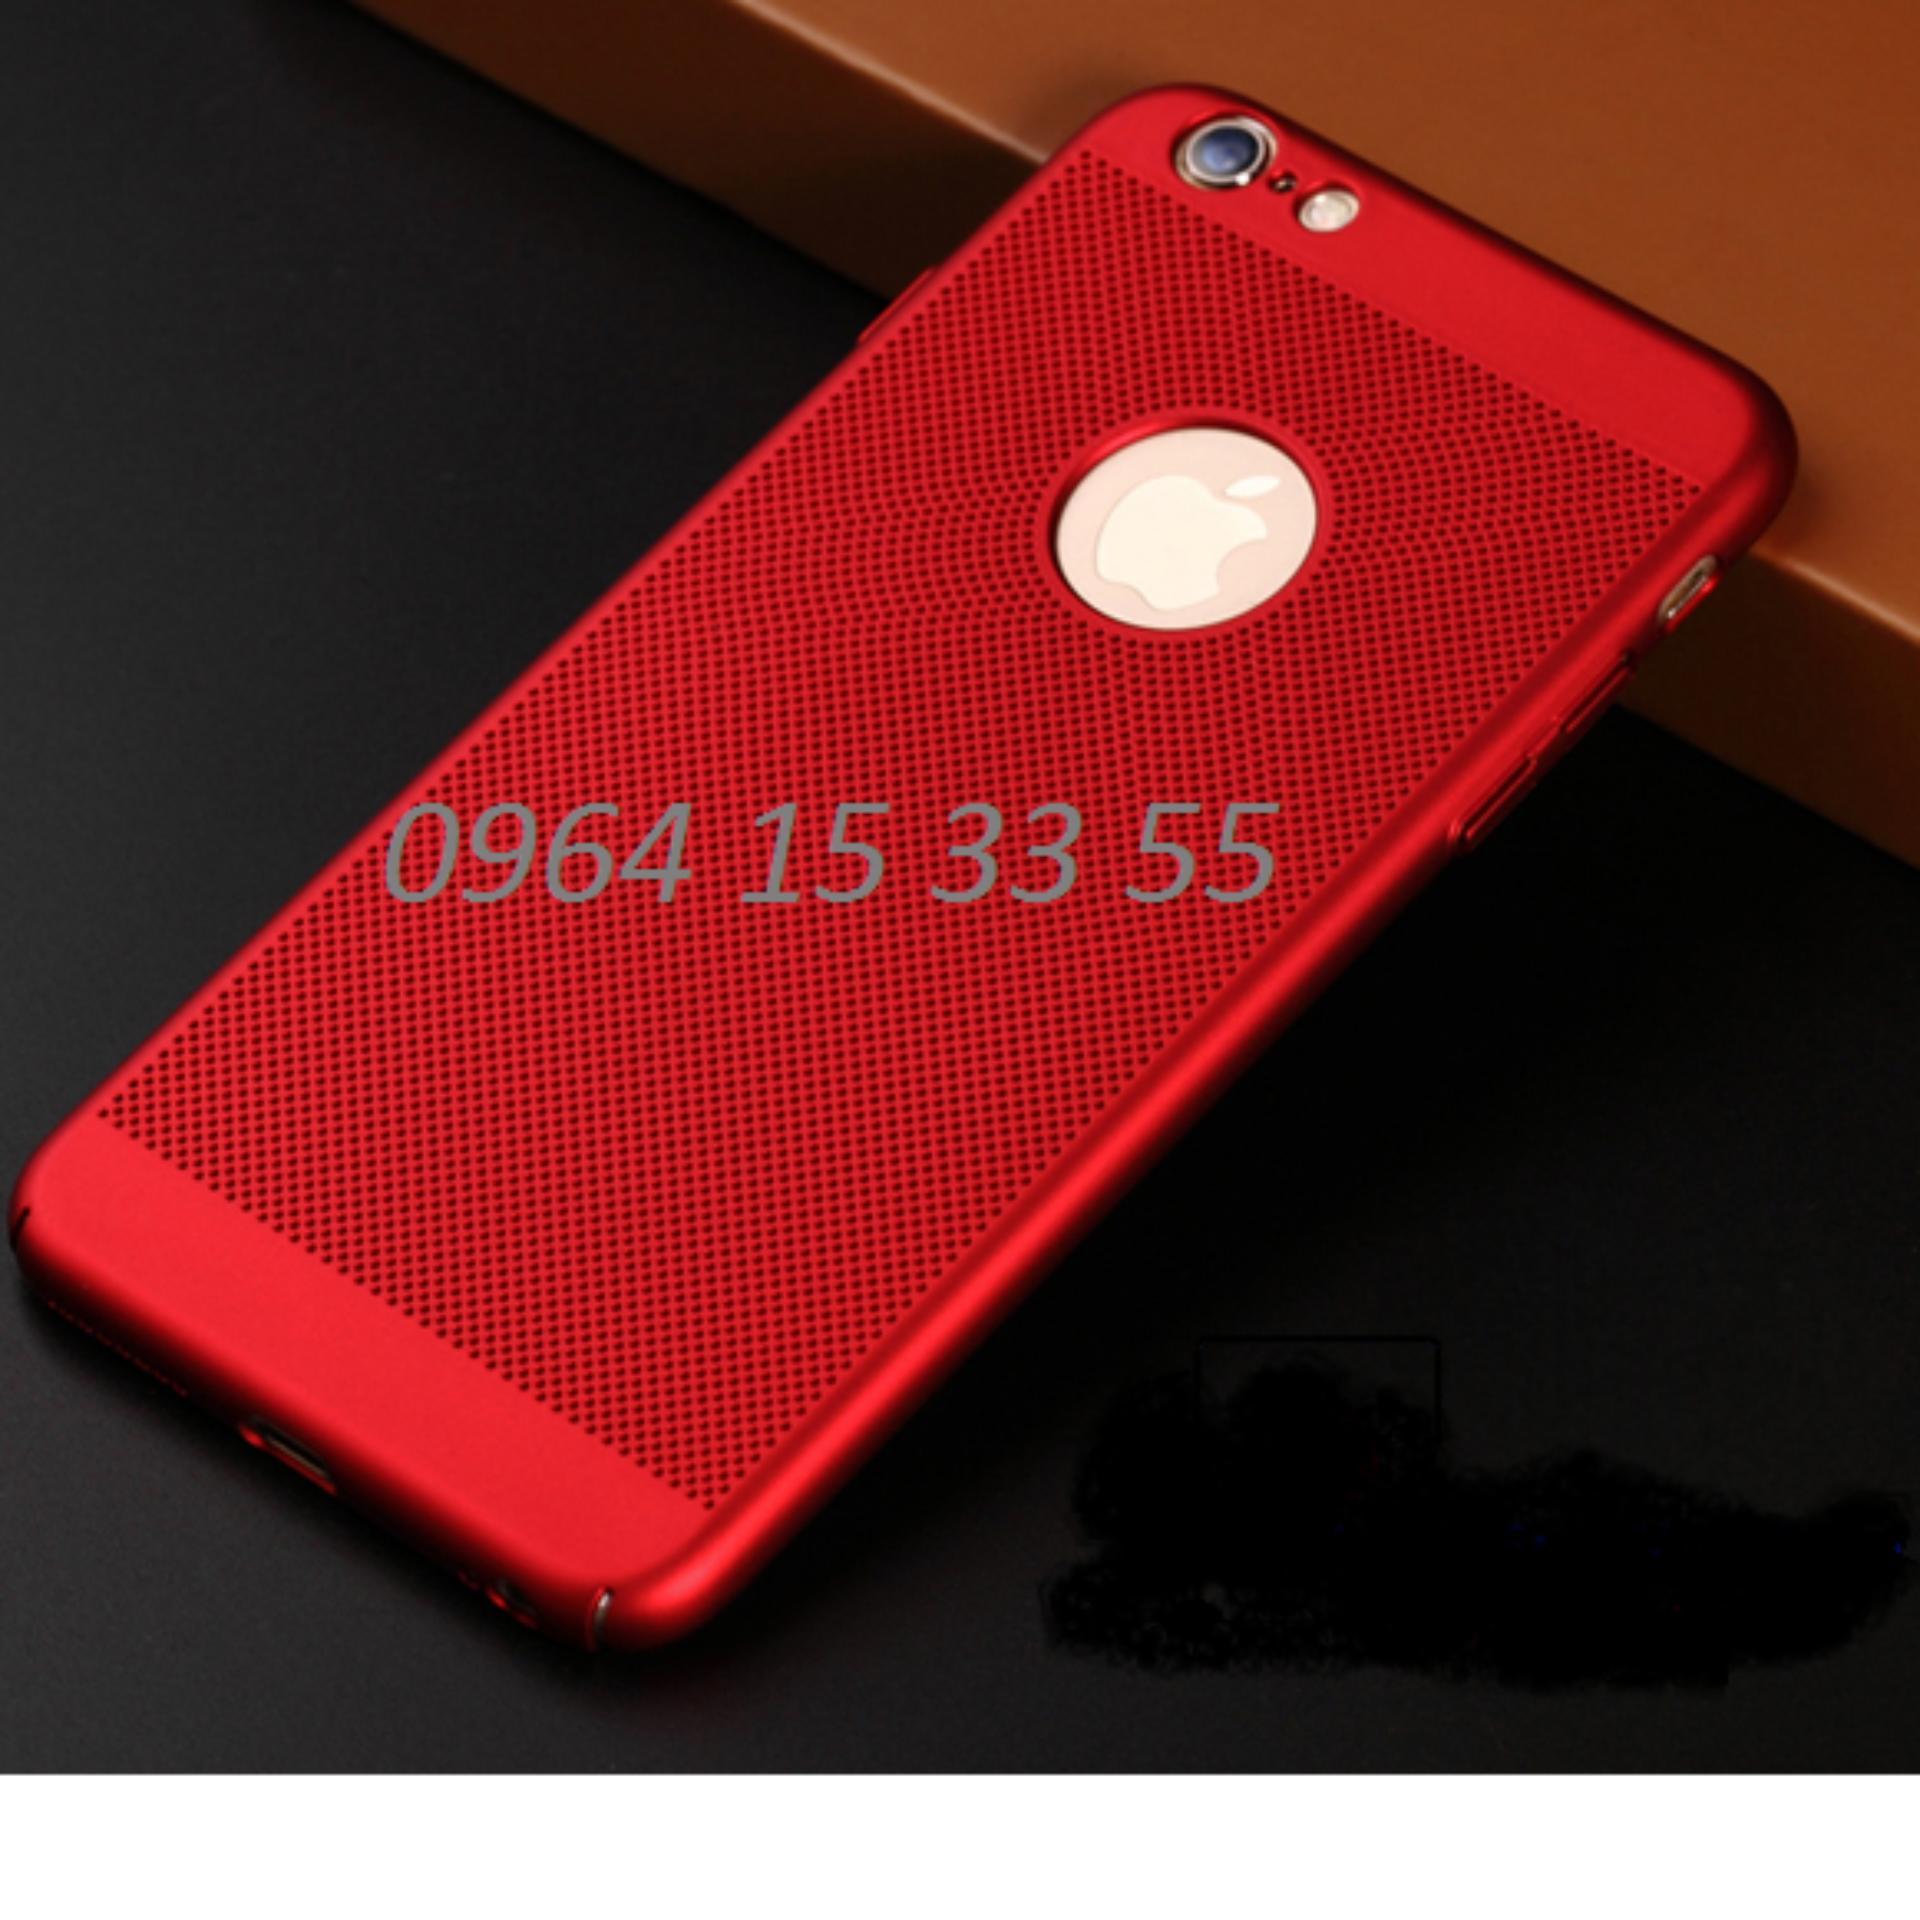 Ốp Lưng Cho Iphone 6/ 6S Dạng Lưới Tản Nhiệt